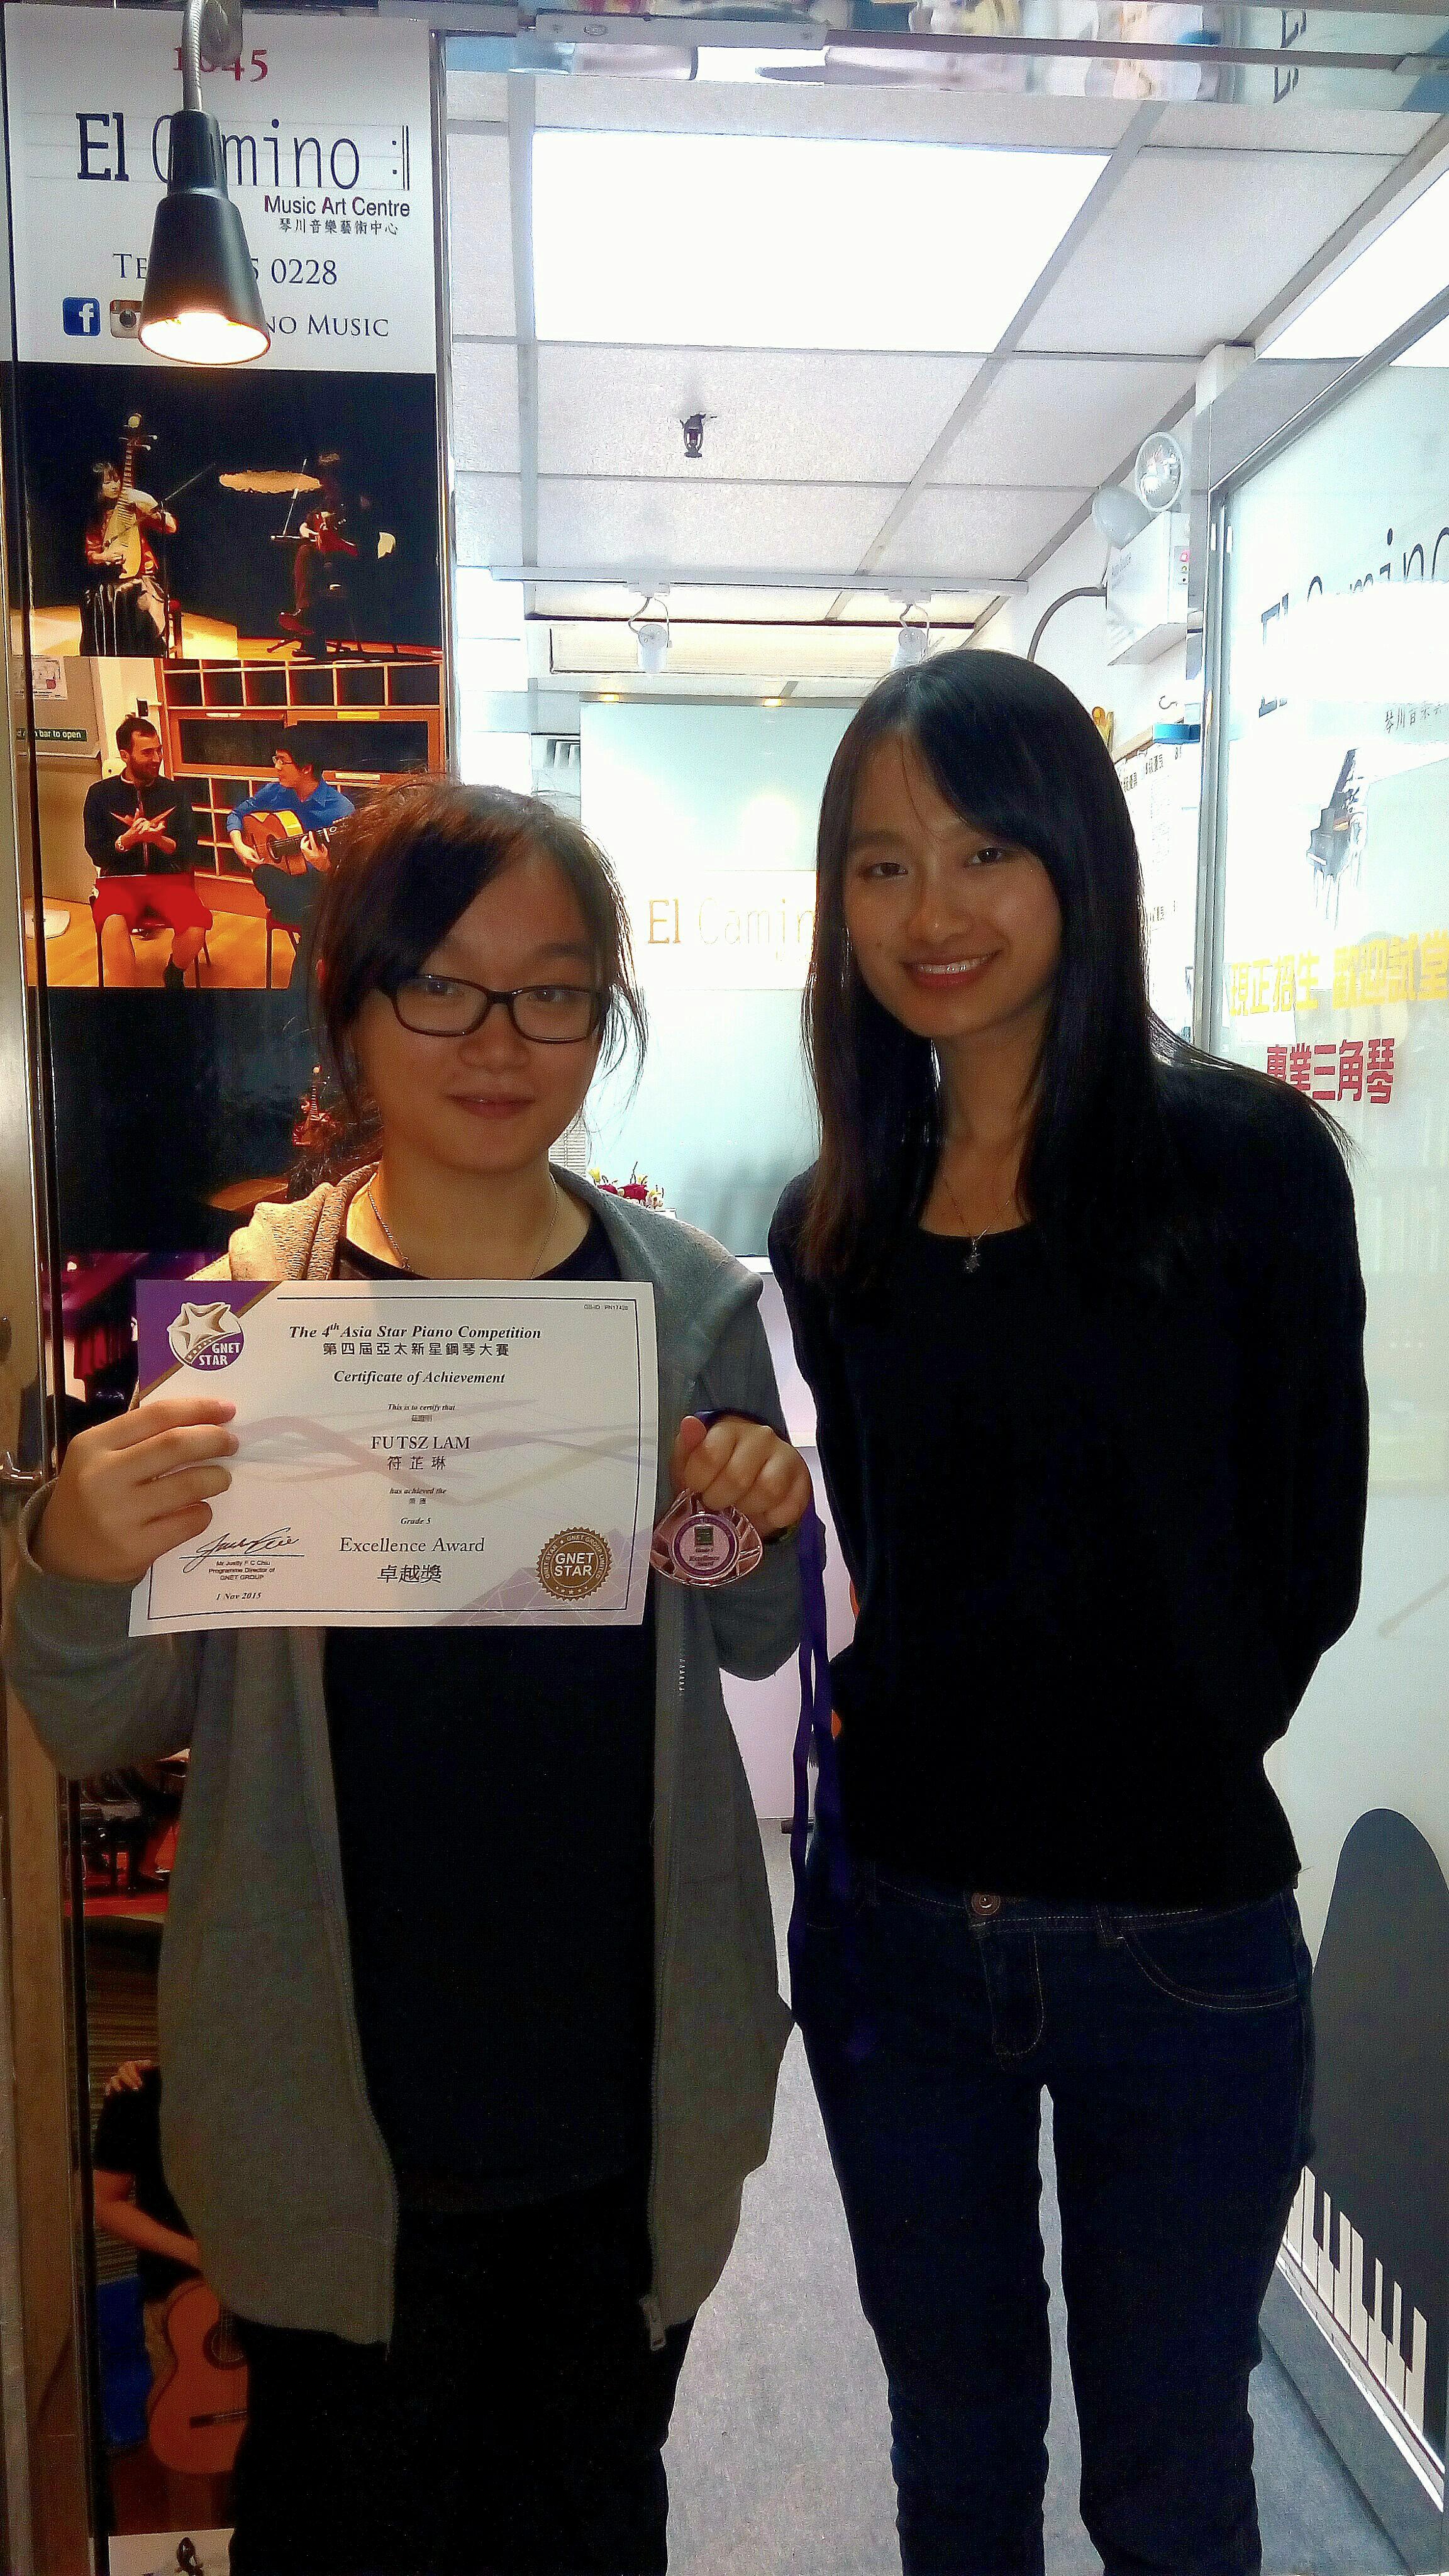 指導老師 Miss Wong與5級組鋼琴大賽卓越獎得獎者符同學合照。